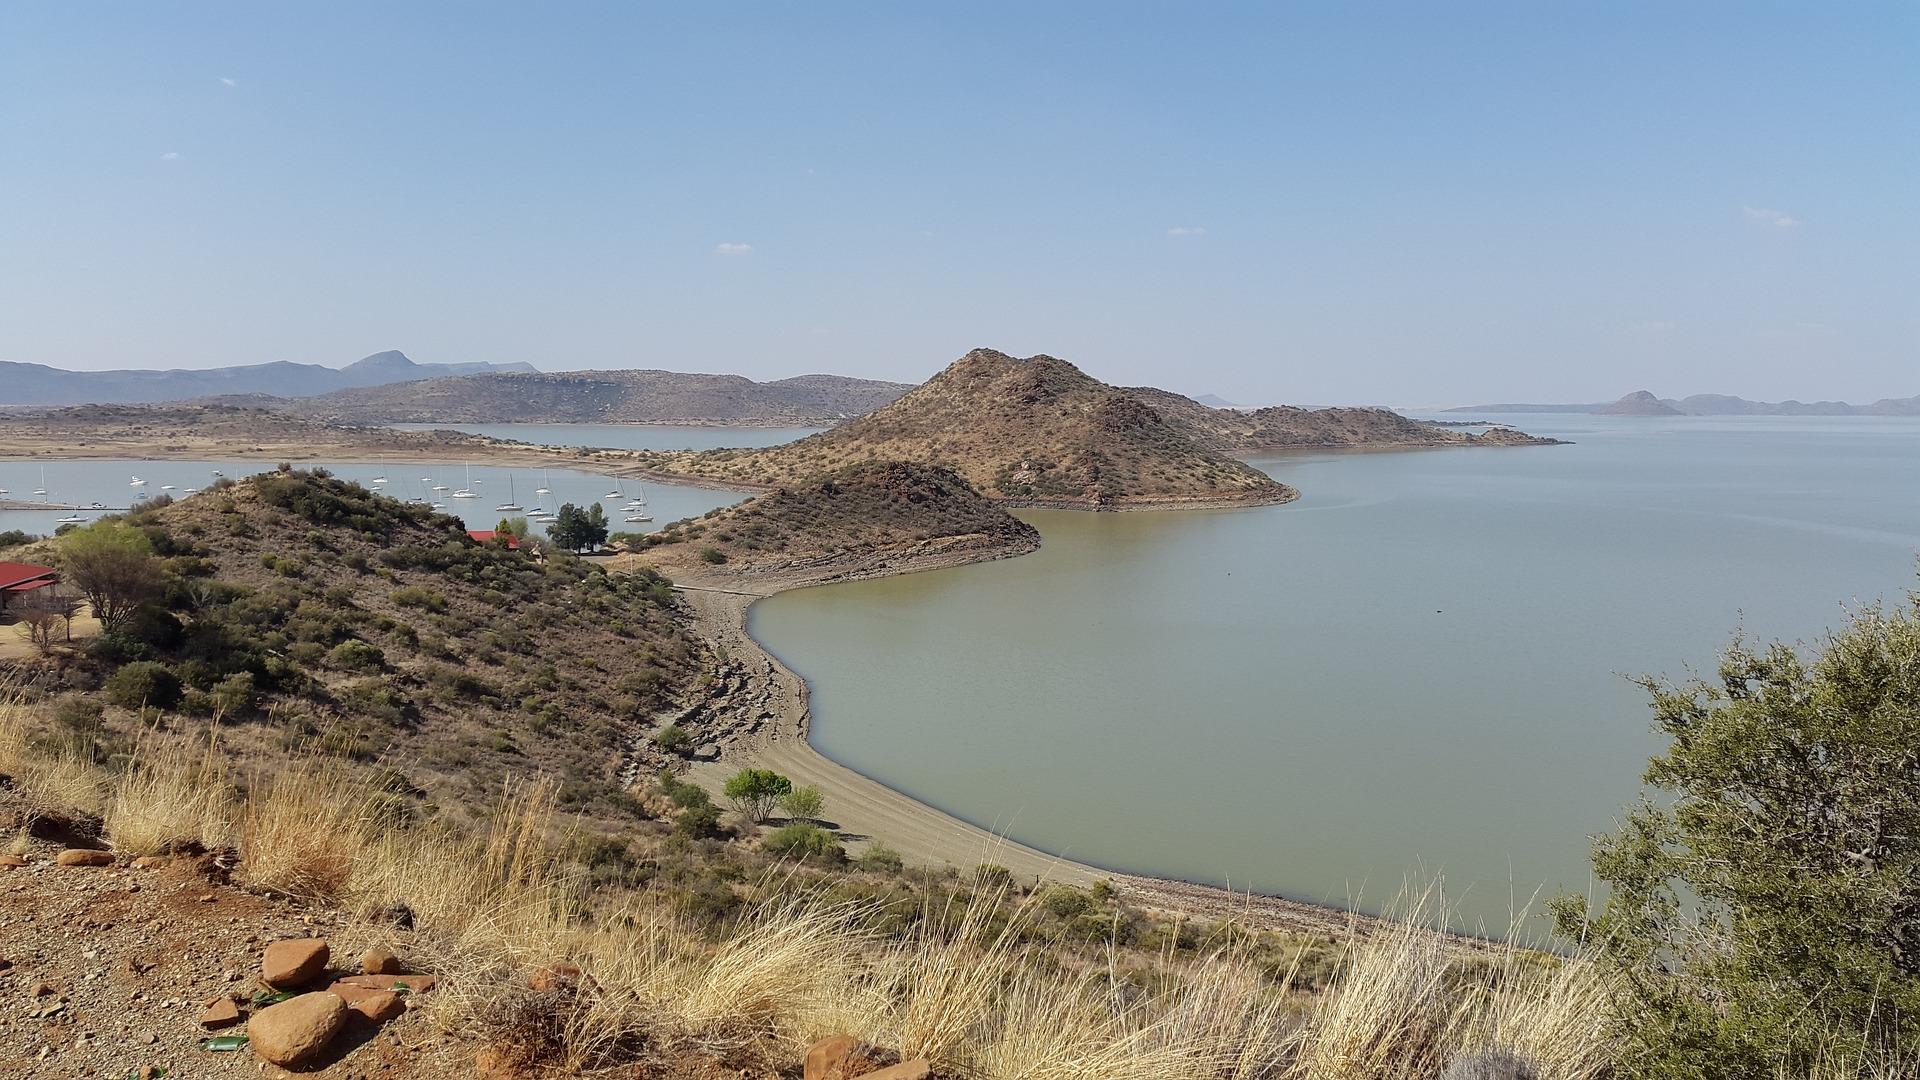 エチオピアの水問題に対する取り組み